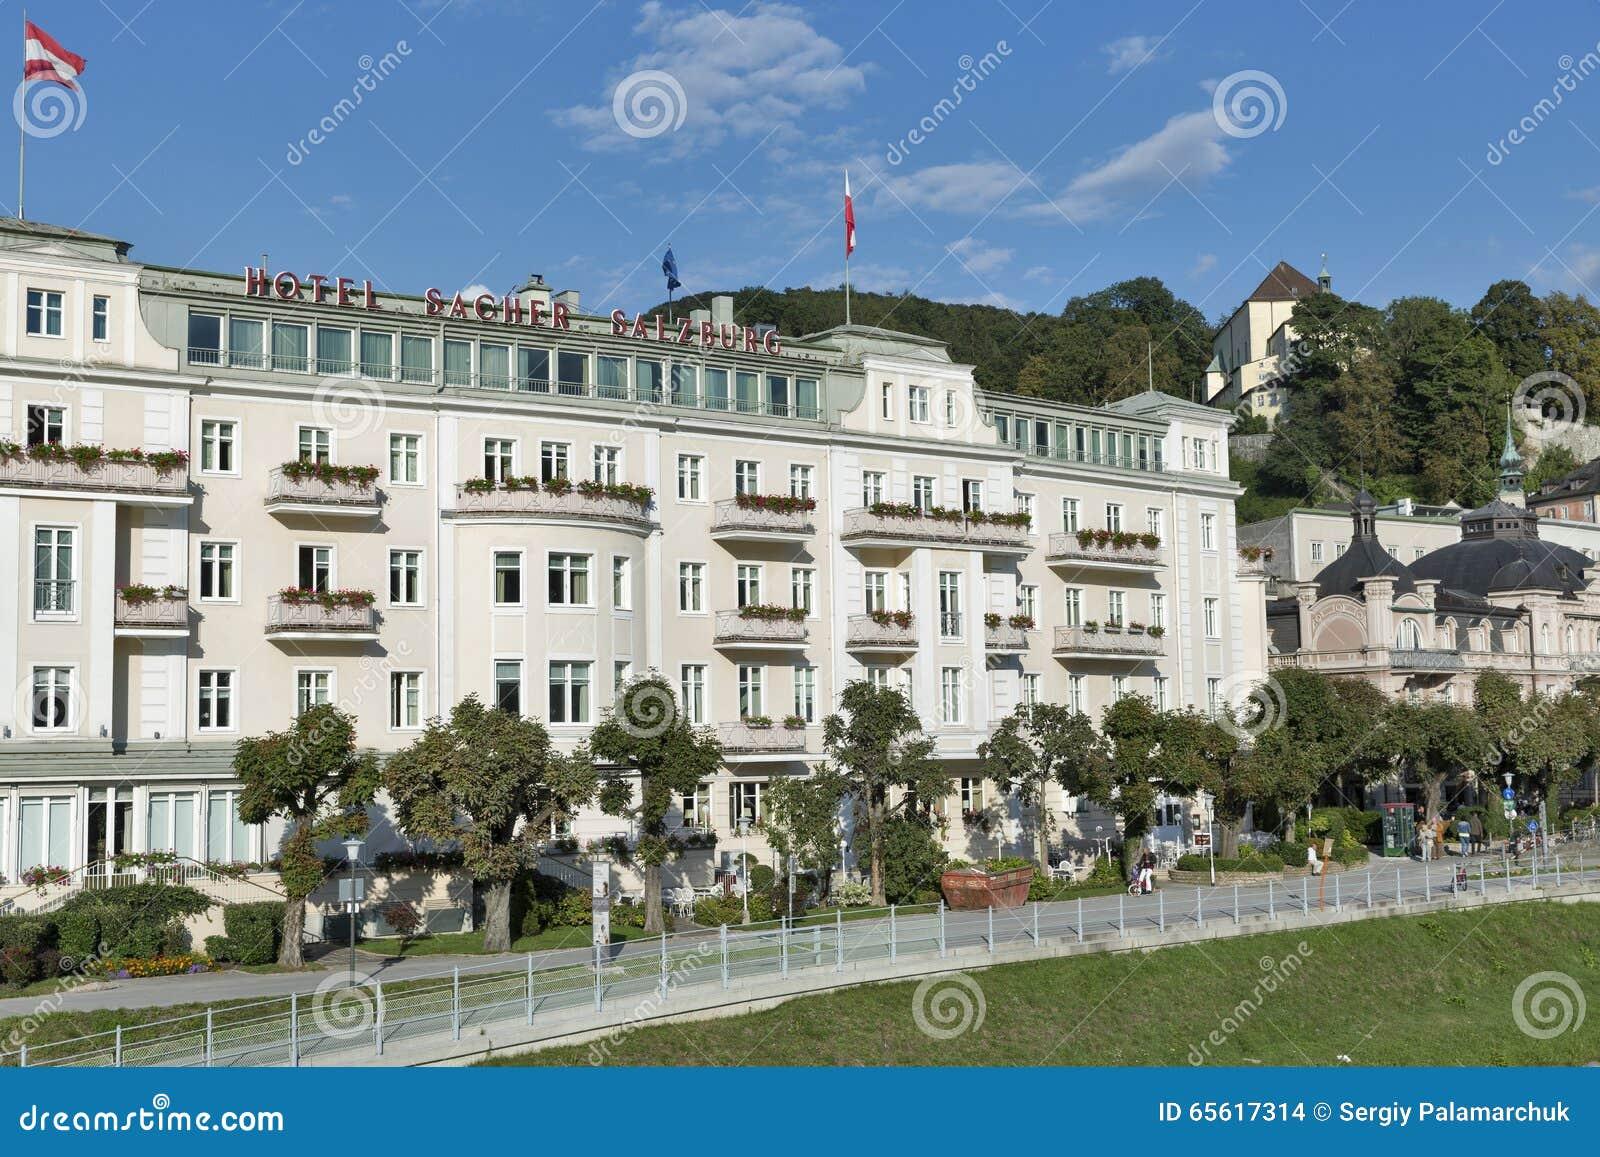 Luxury Hotel Sacher In Salzburg Austria Editorial Stock